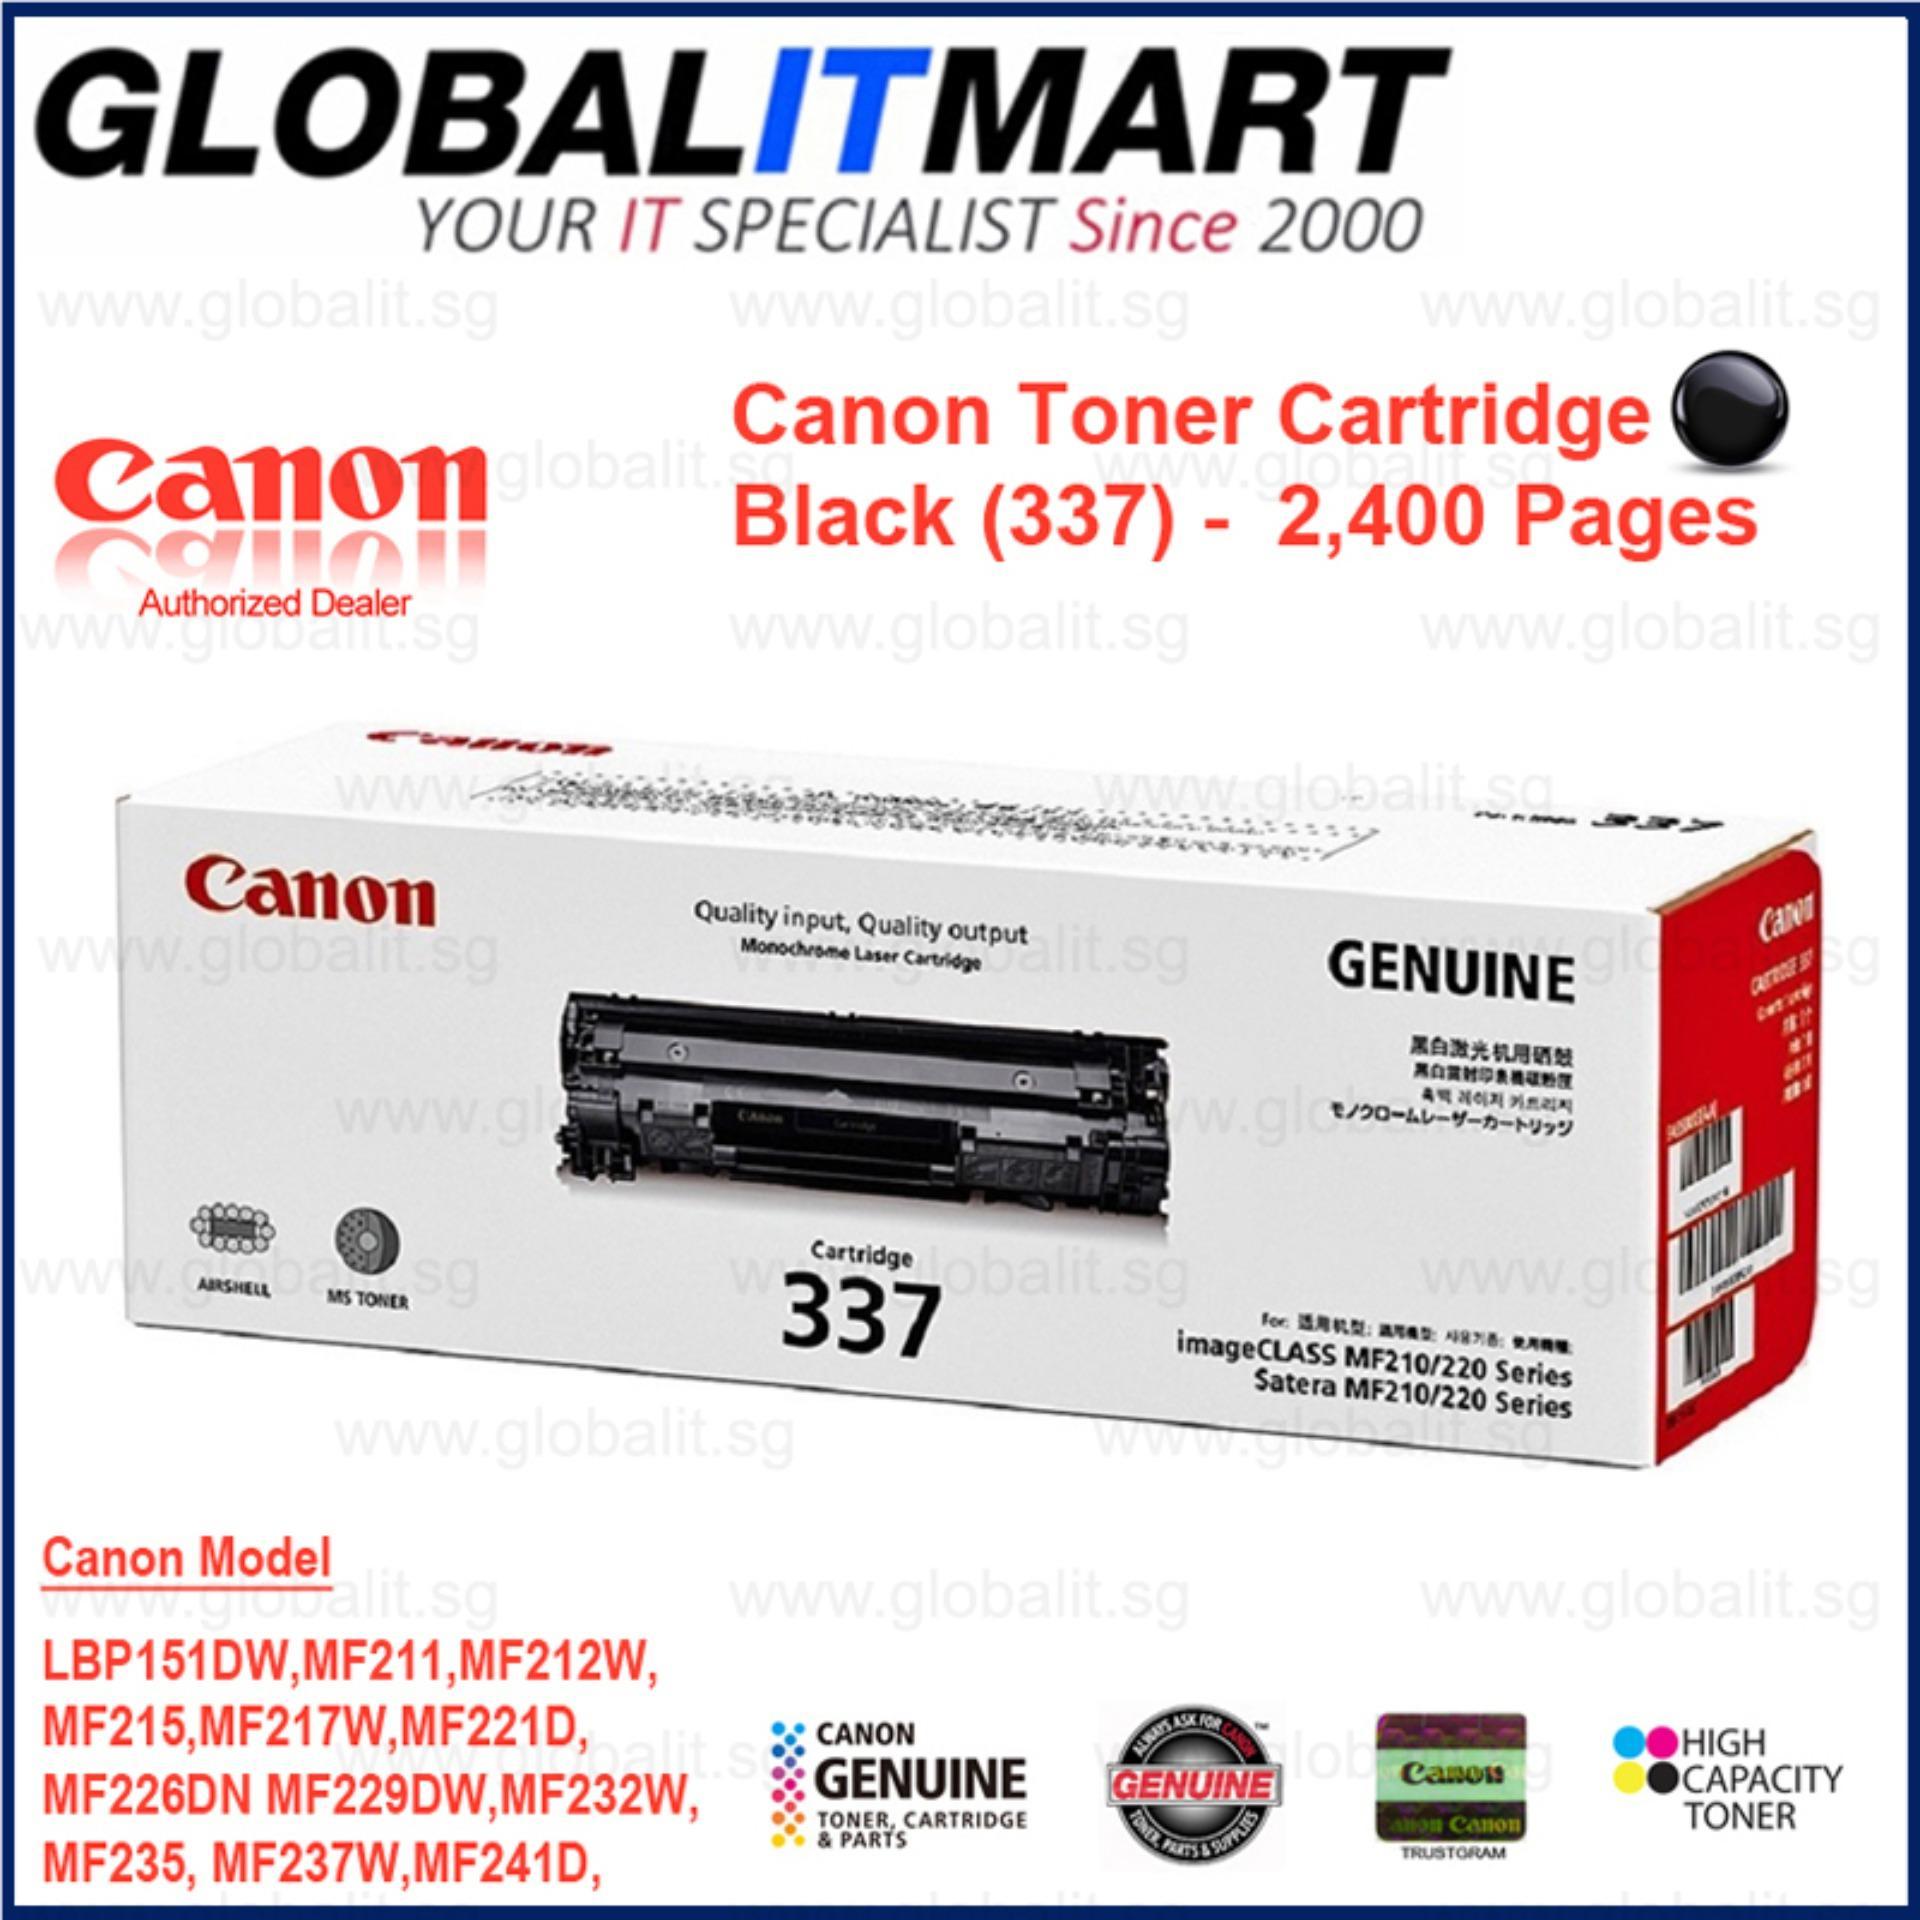 Price Canon 337 Original Toner Cartridge 2 4K For Lbp151Dw Mf211 Mf212W Mf215 Mf217W Mf221D Mf226Dn Mf229Dw Mf232W Mf235 Mf237W Mf241D Mf244Dw Mf246Dn Mf249Dw On Singapore